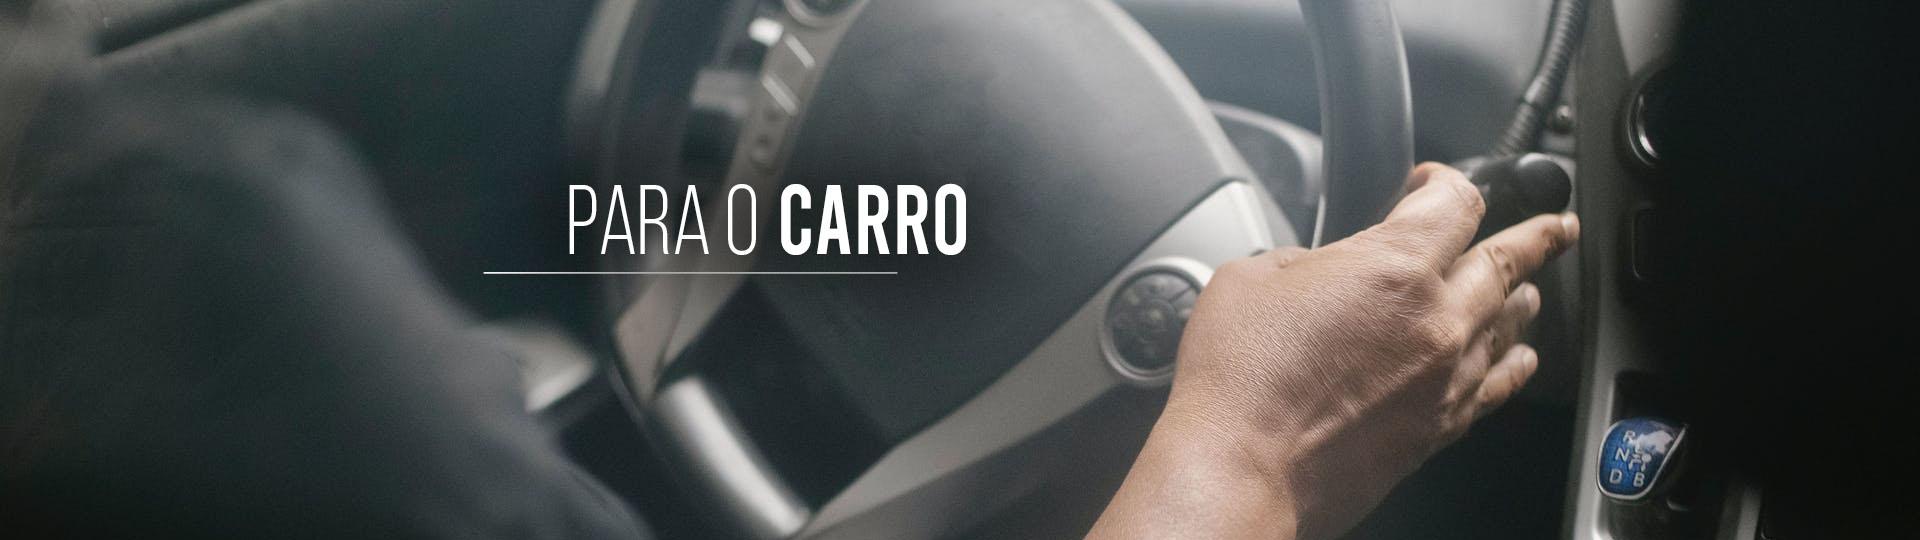 Para seu carro